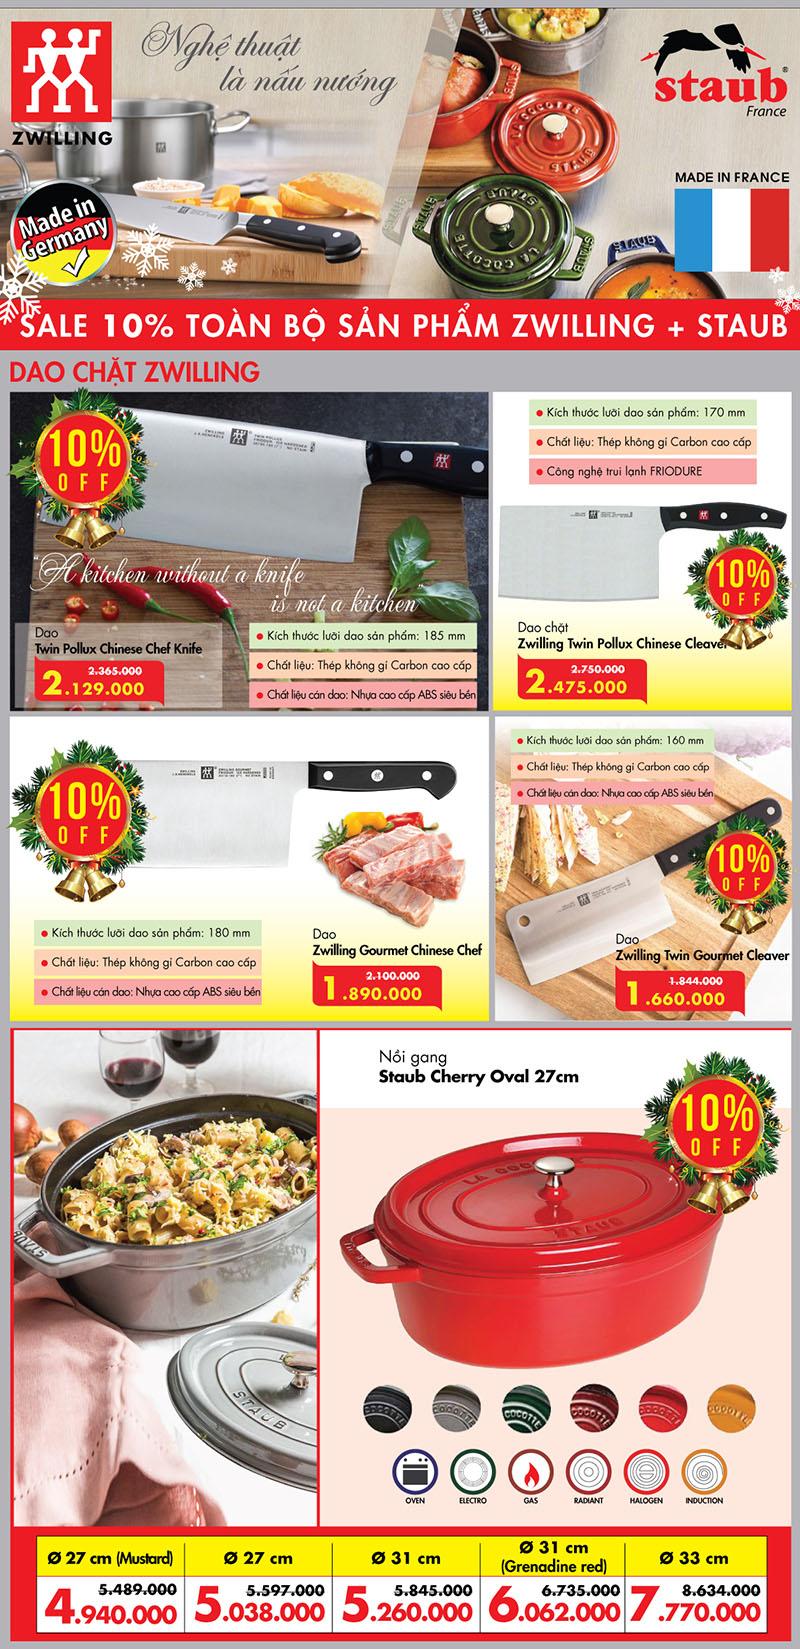 Khuyến mại 10% khi mua đồ dùng nhà bếp Zwilling và Staub tại Bếp Thái Sơn